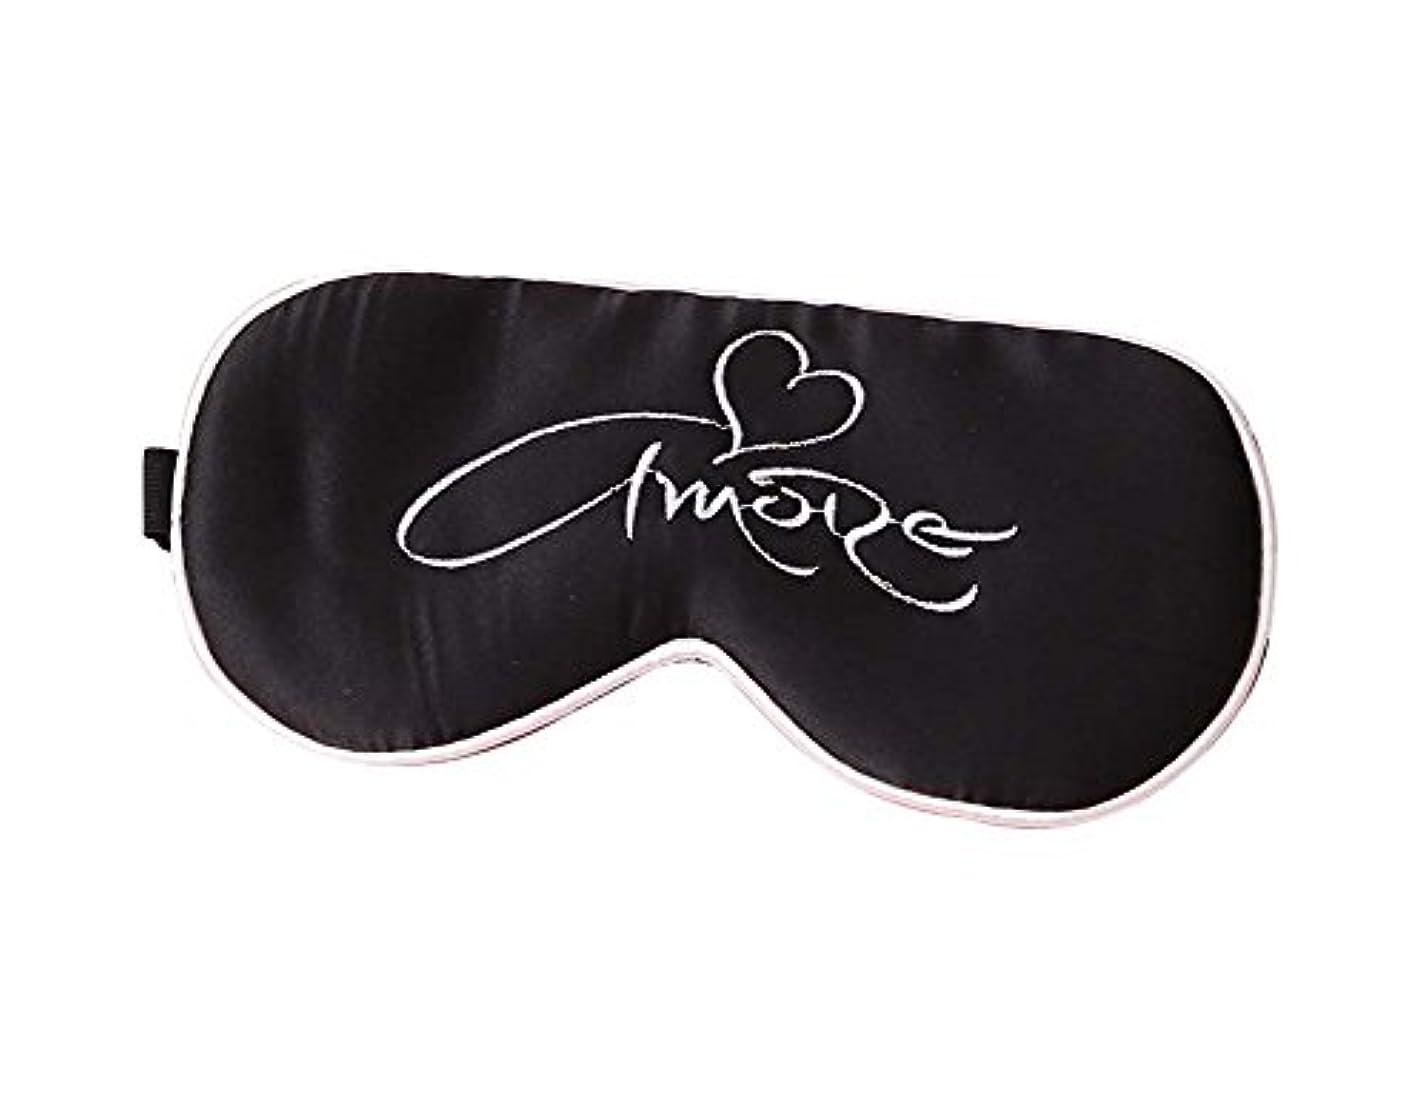 パケット石灰岩ペネロペ黒い刺繍睡眠のアイマスクシルク快適なアイカバー通気性のアイシェード